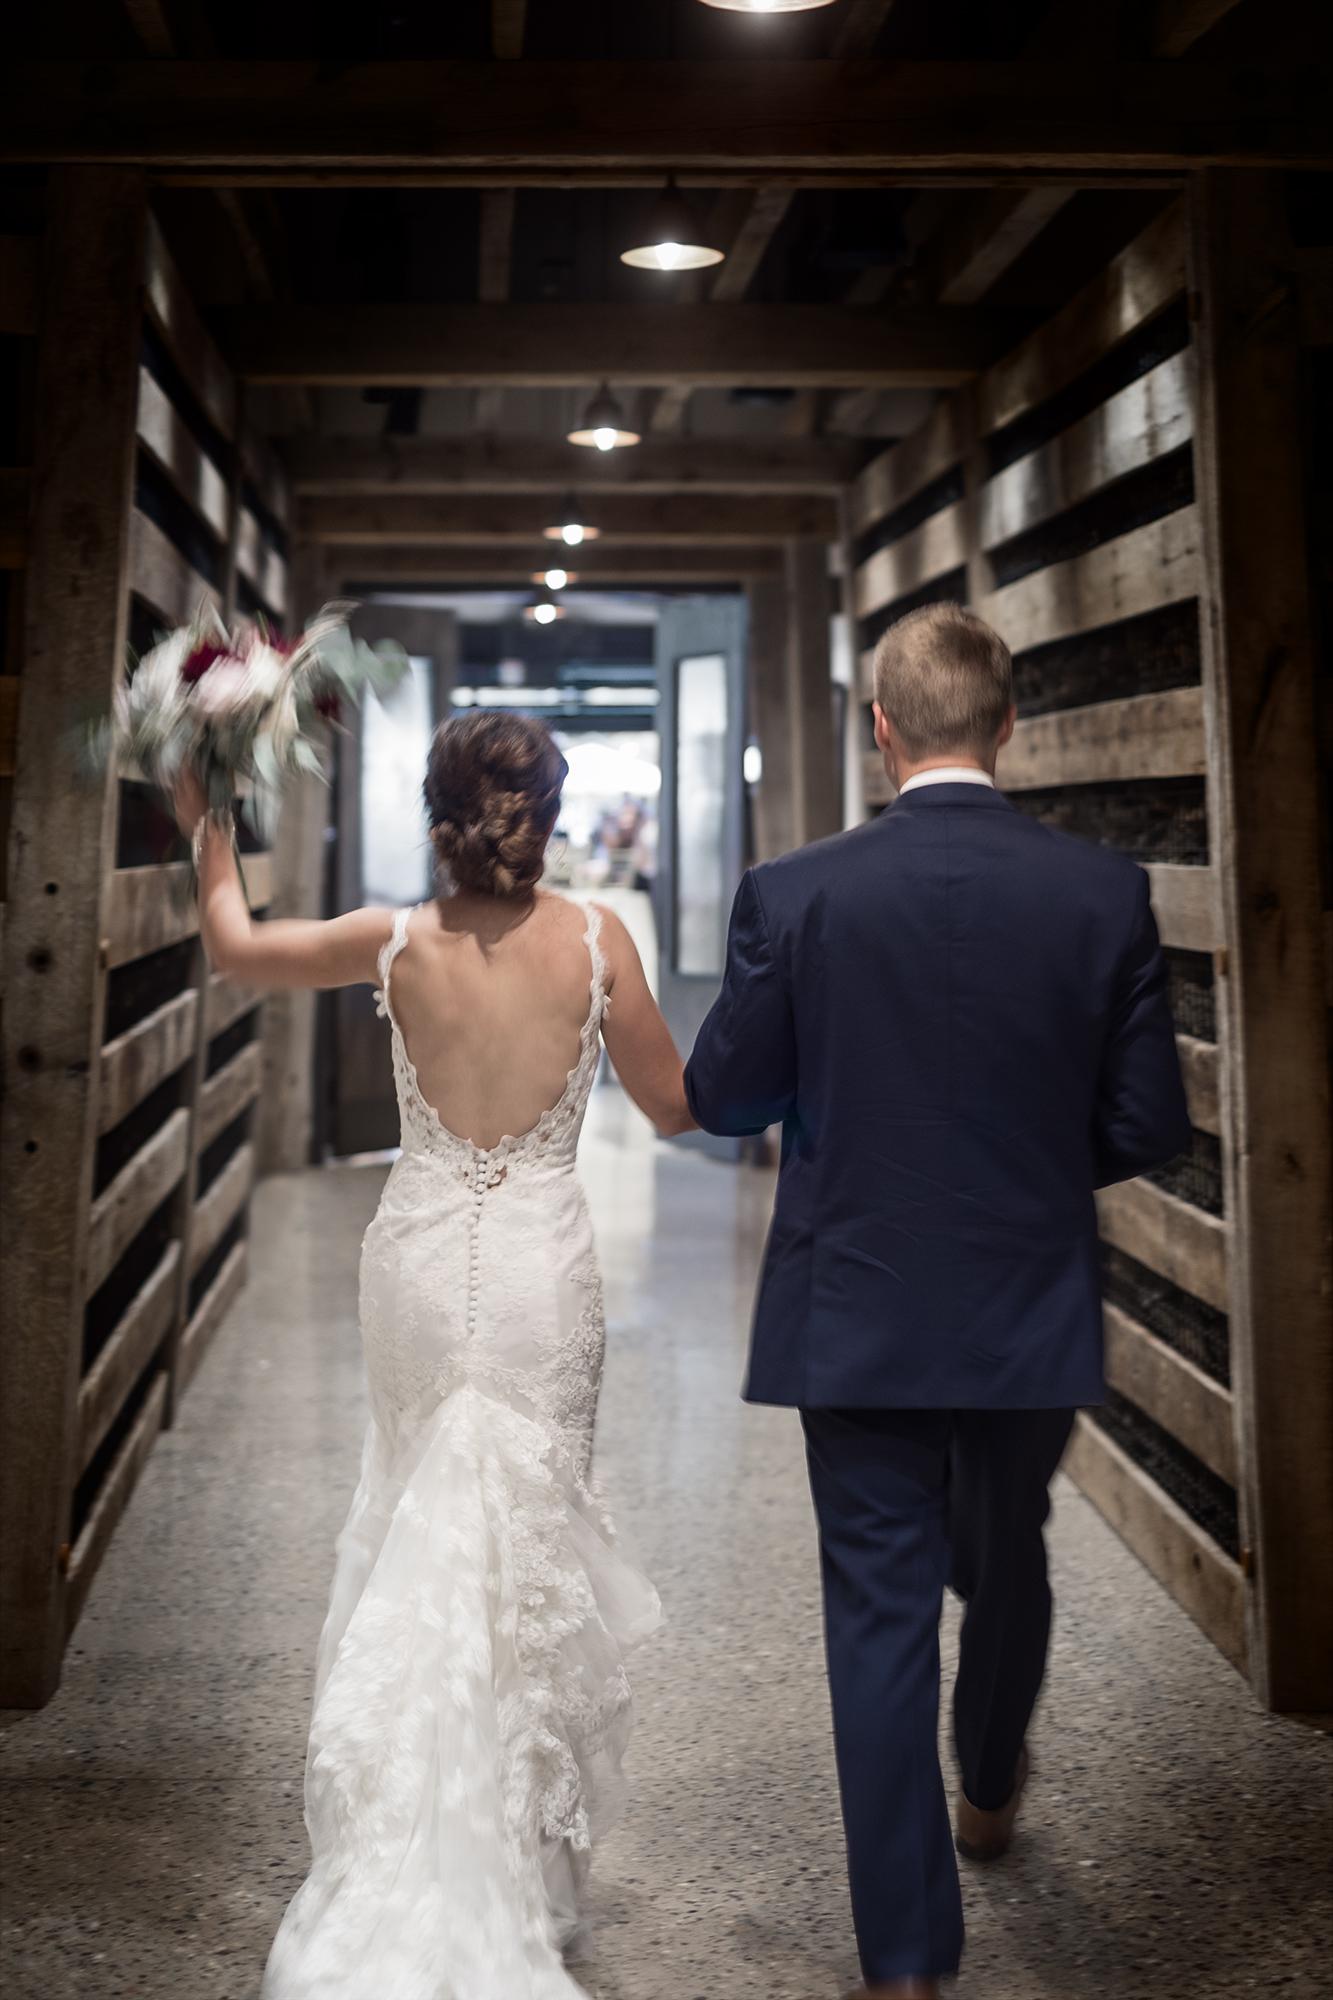 Wedding photograph of bride and groom at Glacier Club near Durango Colorado